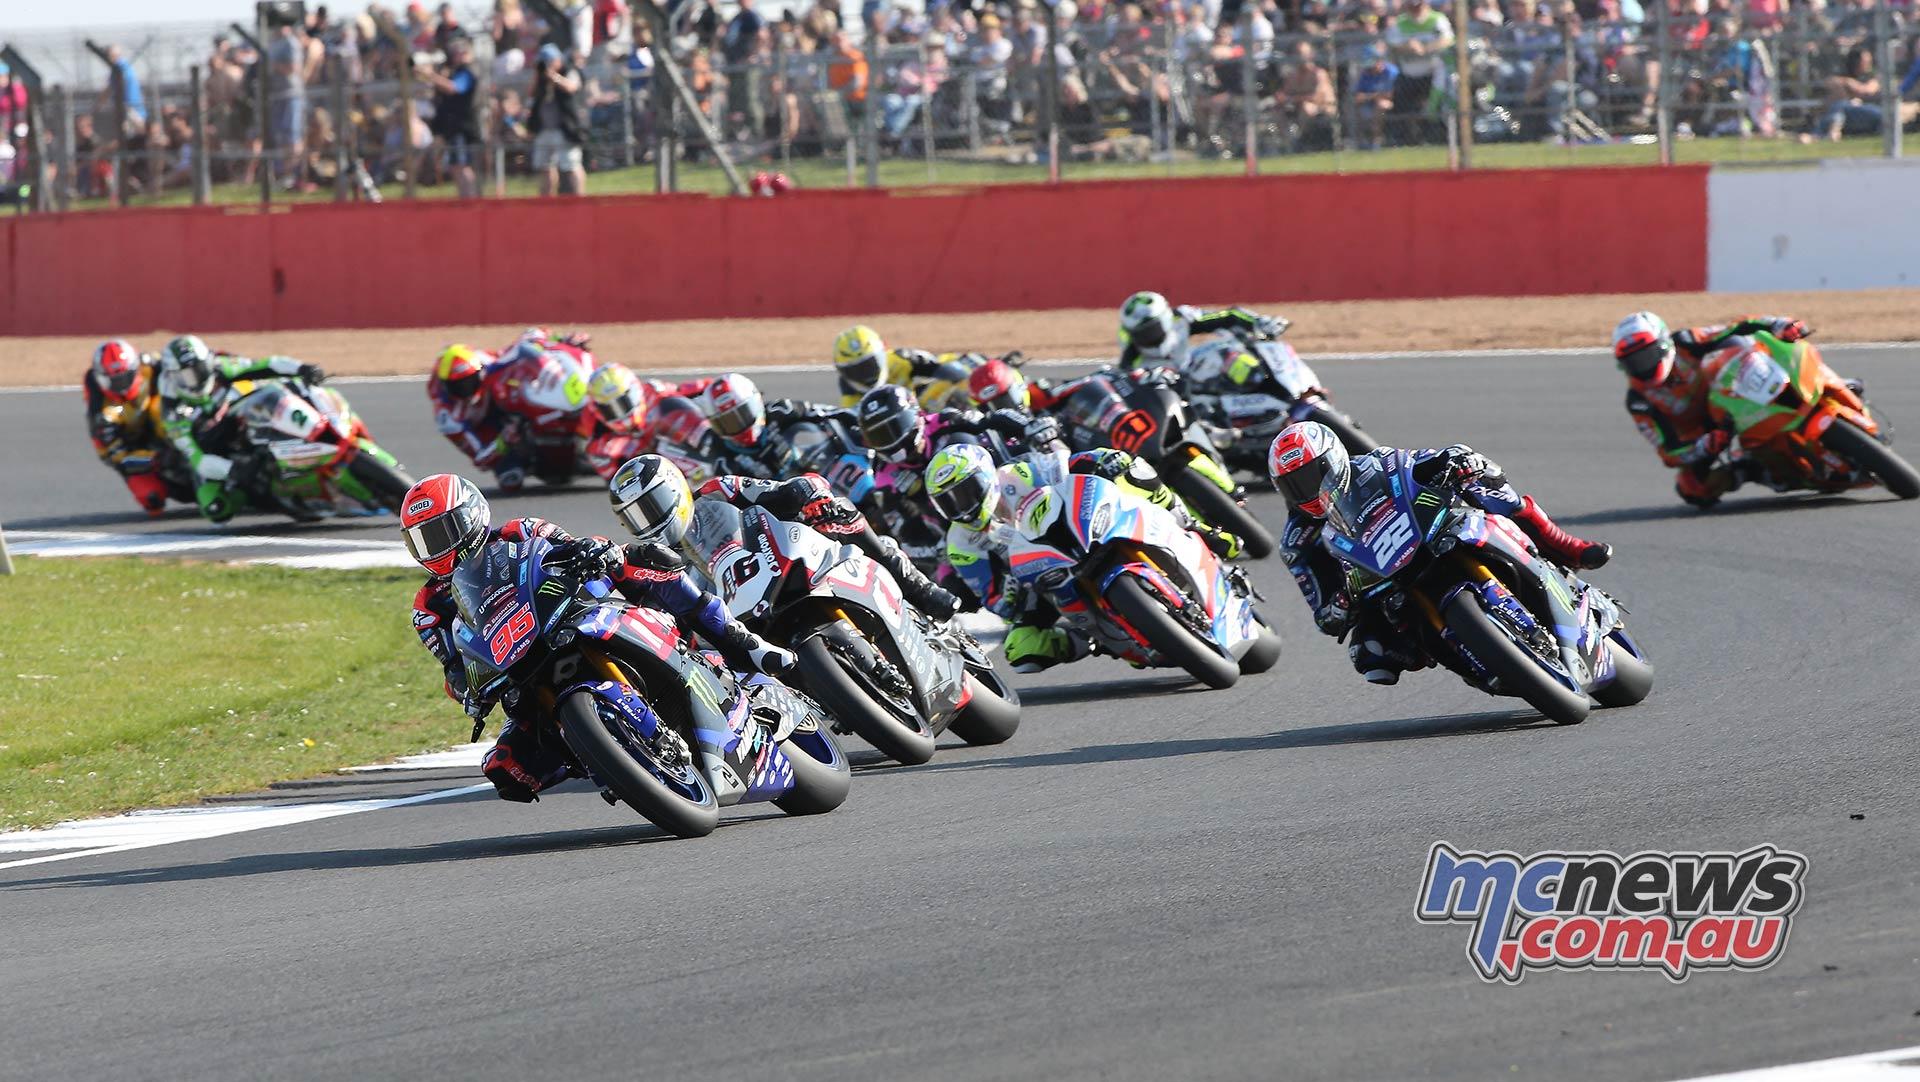 Circuito Silverstone : Motociclismo gran premio de gran bretaña circuito silverstone